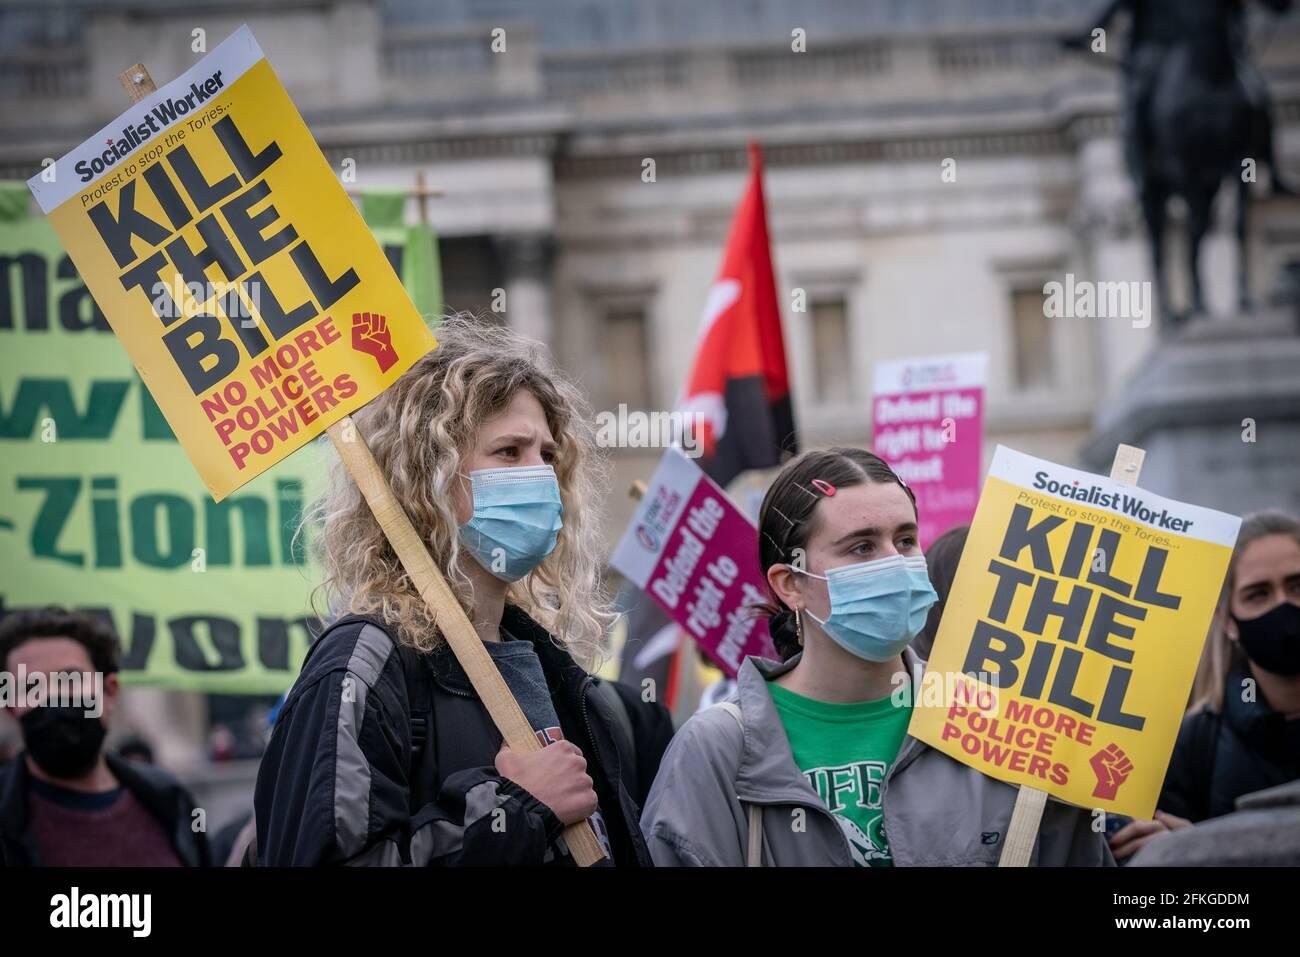 London, Großbritannien. Mai 2021. Tötet den Bill-Protest. Tausende versammeln sich am Trafalgar Square, um gegen eine neue Gesetzesvorlage für Polizei, Kriminalität, Verurteilung und Gerichte am 1. Mai (oder am Labor Day) vorzugehen. Zahlreiche soziale Bewegungen haben sich zusammengeschlossen, um gegen das Gesetz zu protestieren, das ihrer Meinung nach die Meinungs- und Versammlungsfreiheit erheblich einschränken würde, indem sie der Polizei unter anderem Befugnisse zur Eindämmung von Protesten einräumen würden. Kredit: Guy Corbishley/Alamy Live Nachrichten Stockfoto